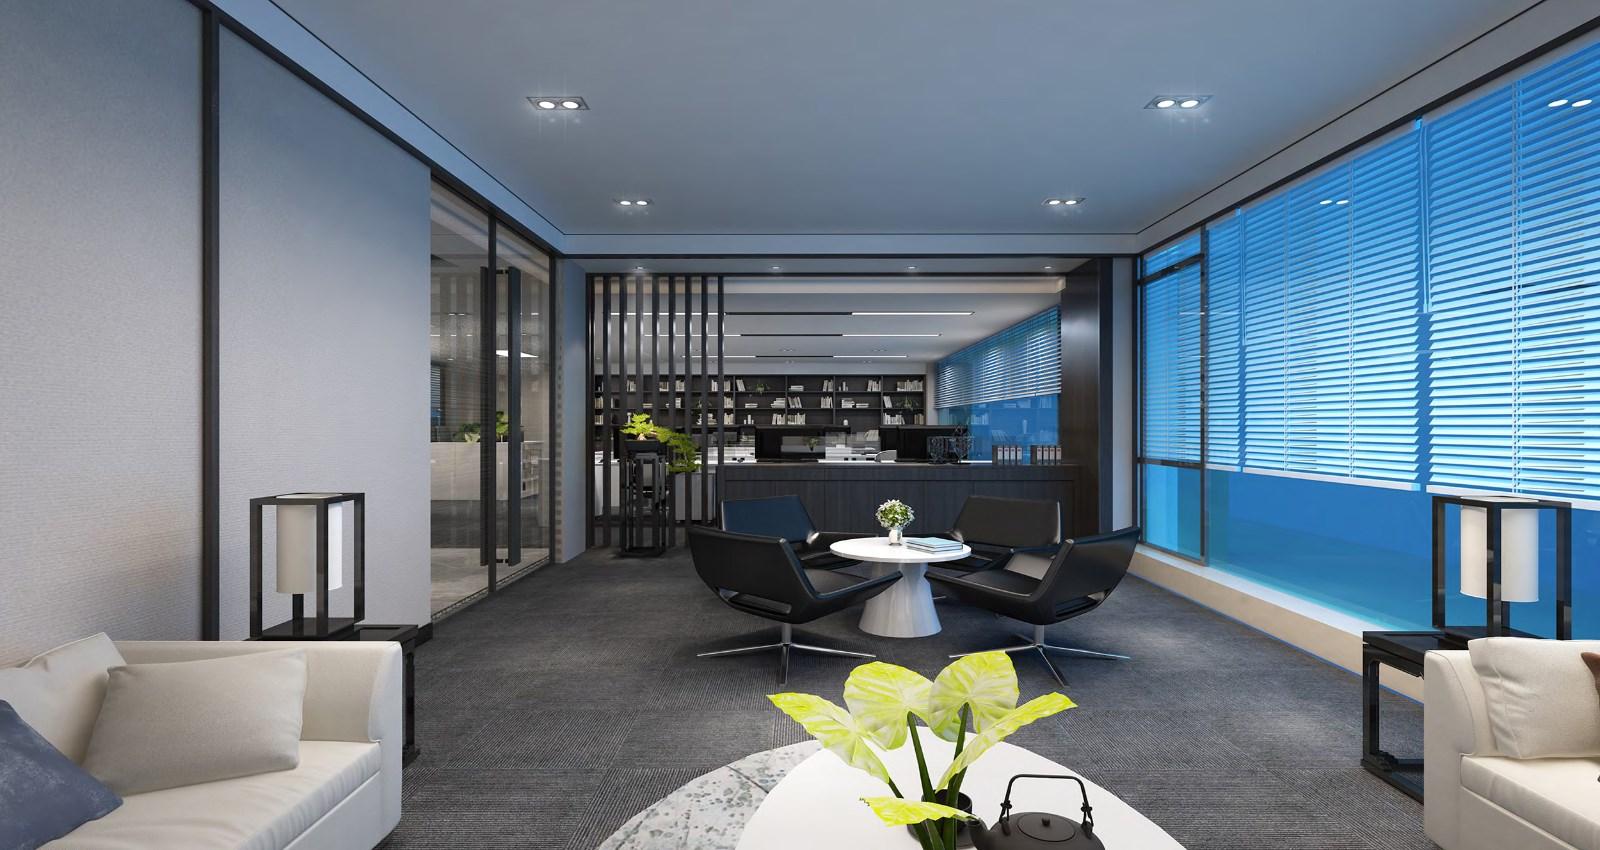 商场软装制作_酒店软装公司相关-深圳市唯创装饰设计工程有限公司